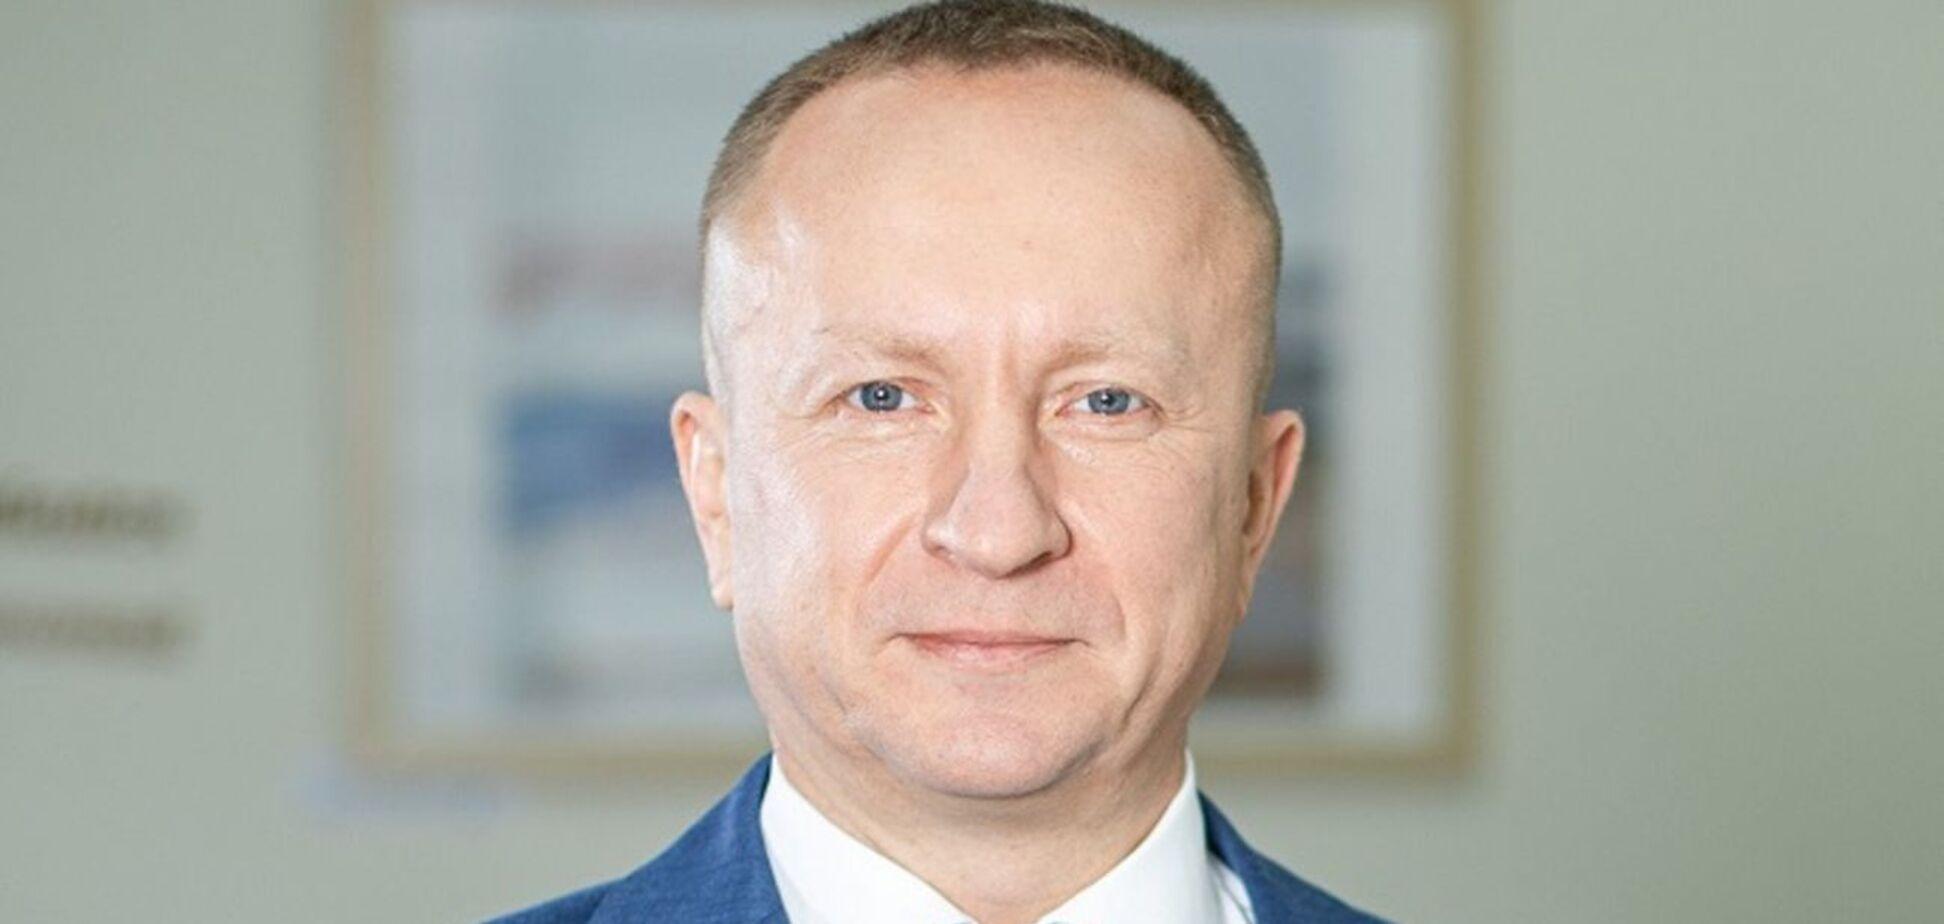 Новим главою Ощадбанку став Наумов: раніше працював у доньці Сбєрбанку Росії